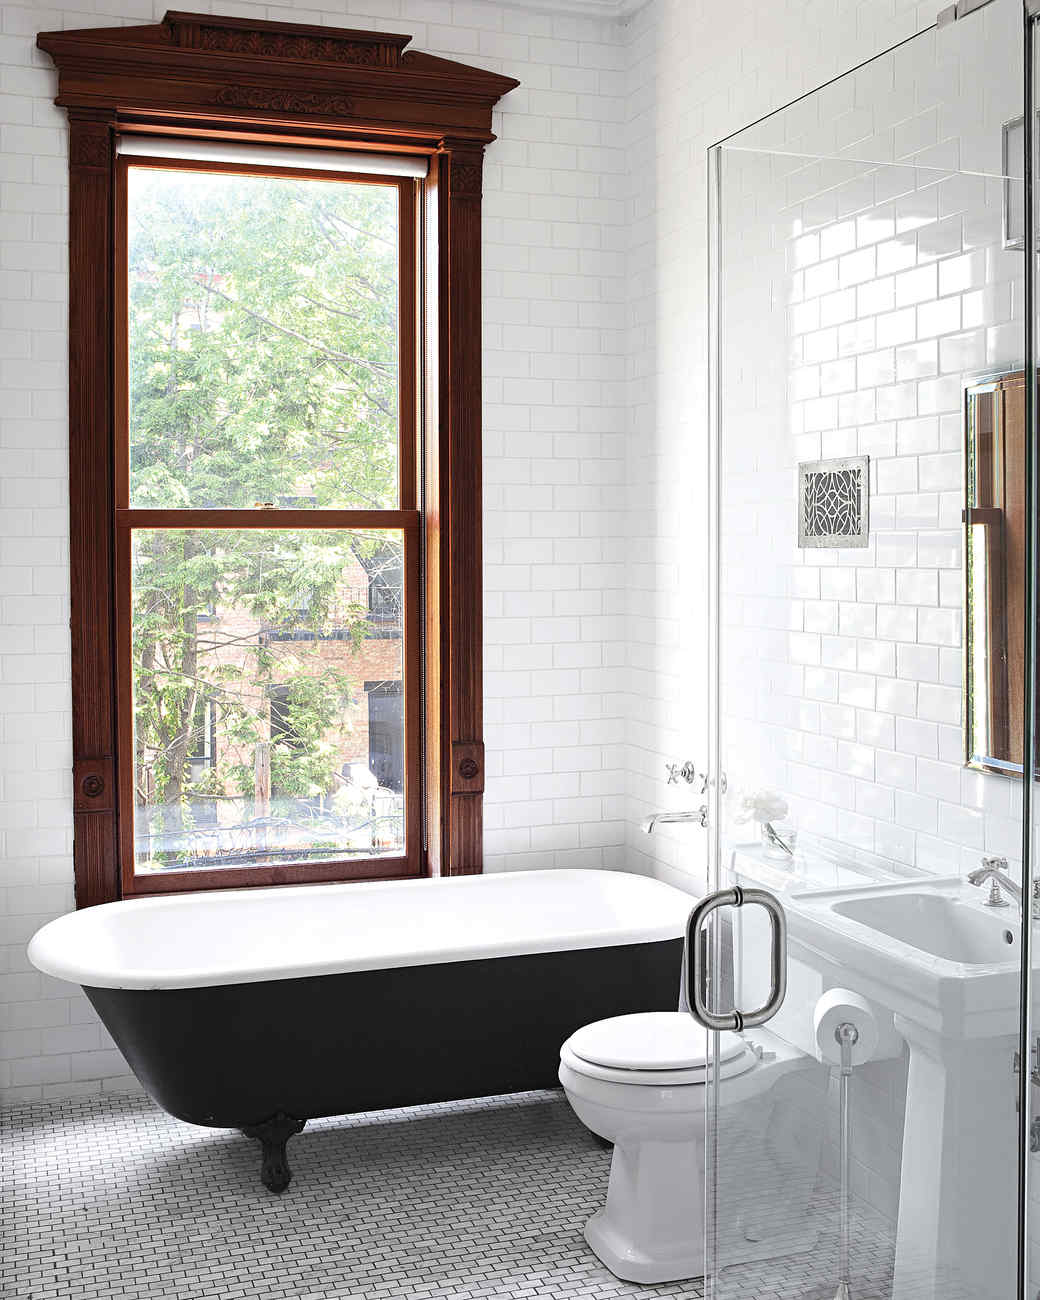 pilars-house-bathtub-0911mld10753718.jpg